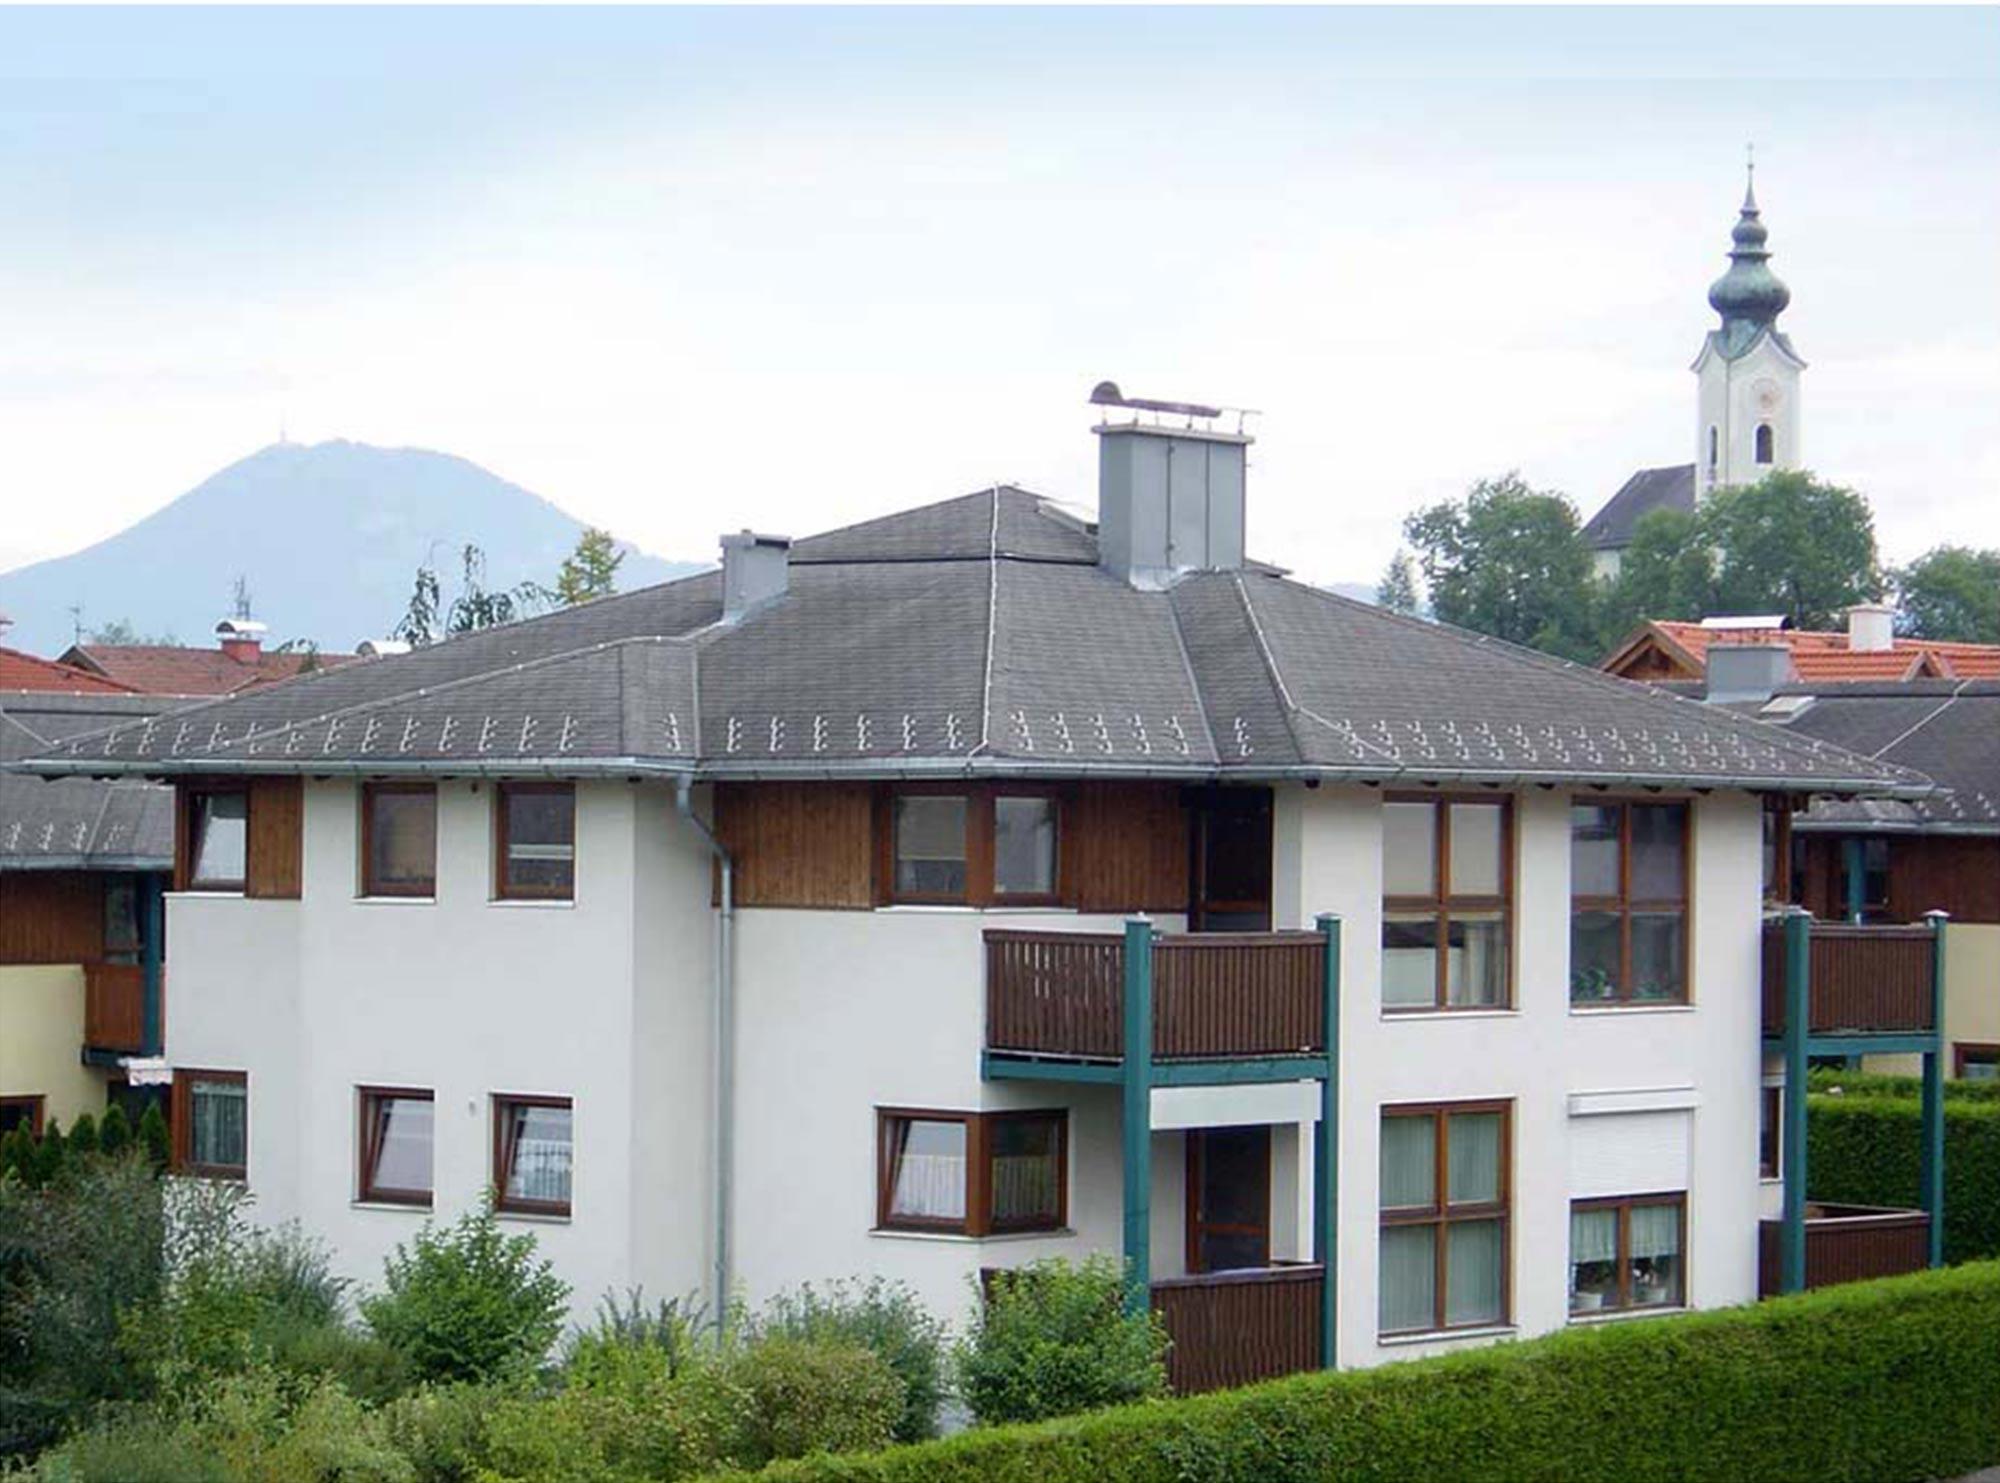 Salzburger immobilien mieten for Wohnung mieten immobilien